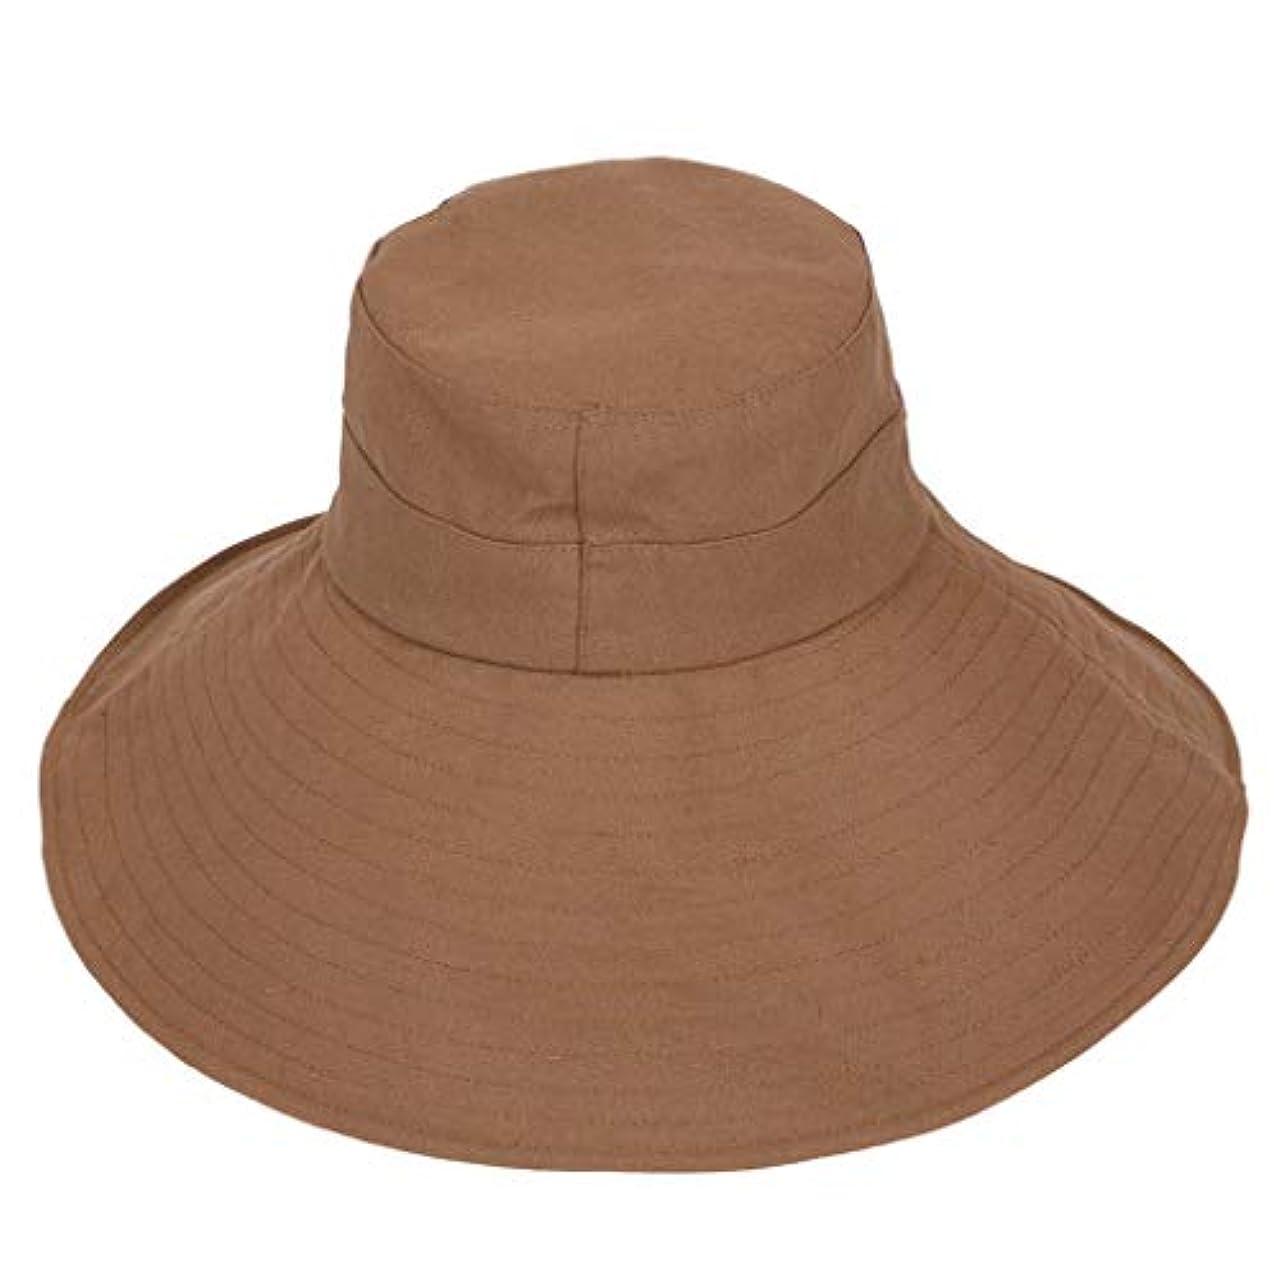 解き明かす海岸社会漁師帽 ROSE ROMAN 帽子 レディース UVカット 帽子 UV帽子 日焼け防止 軽量 熱中症予防 取り外すあご紐 つば広 おしゃれ 可愛い 夏季 海 旅行 無地 ワイルド カジュアル スタイル ファッション シンプル 発送